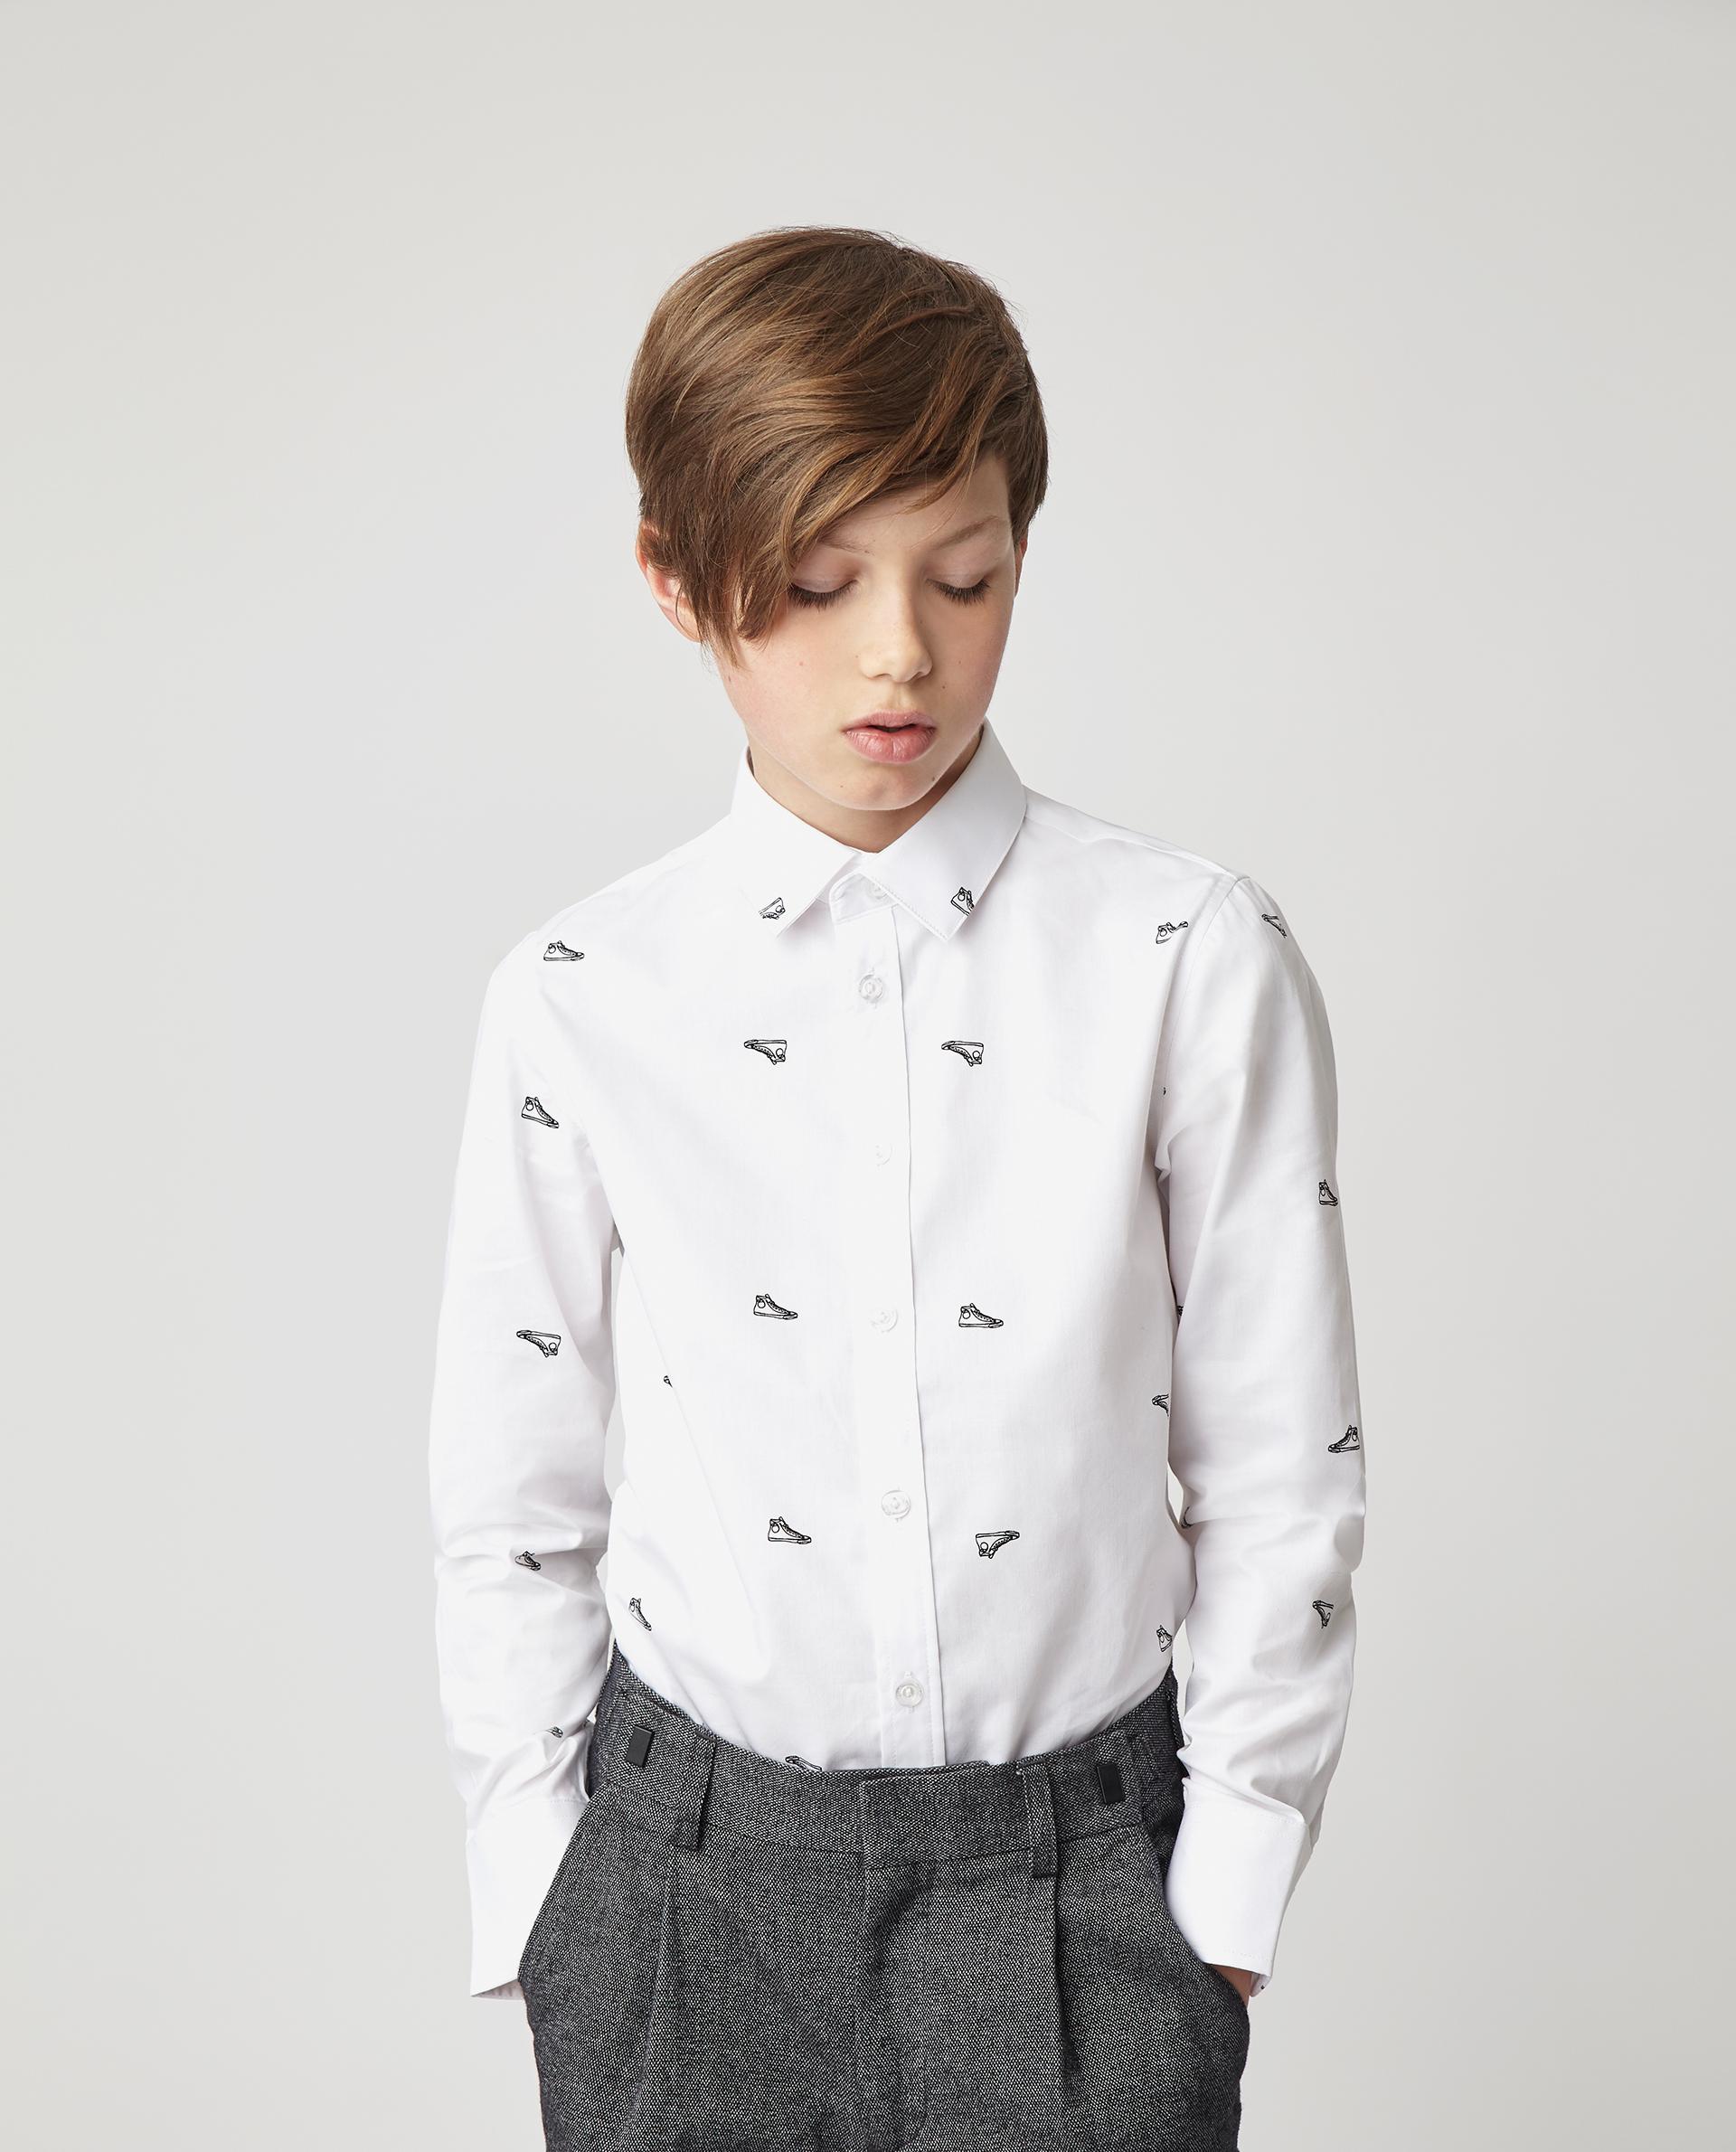 Купить 220GSBC2307, Белая рубашка с принтом Gulliver, белый, 170, Мужской, Демисезон, ШКОЛЬНАЯ ФОРМА 2020-2021 (shop: GulliverMarket Gulliver Market)